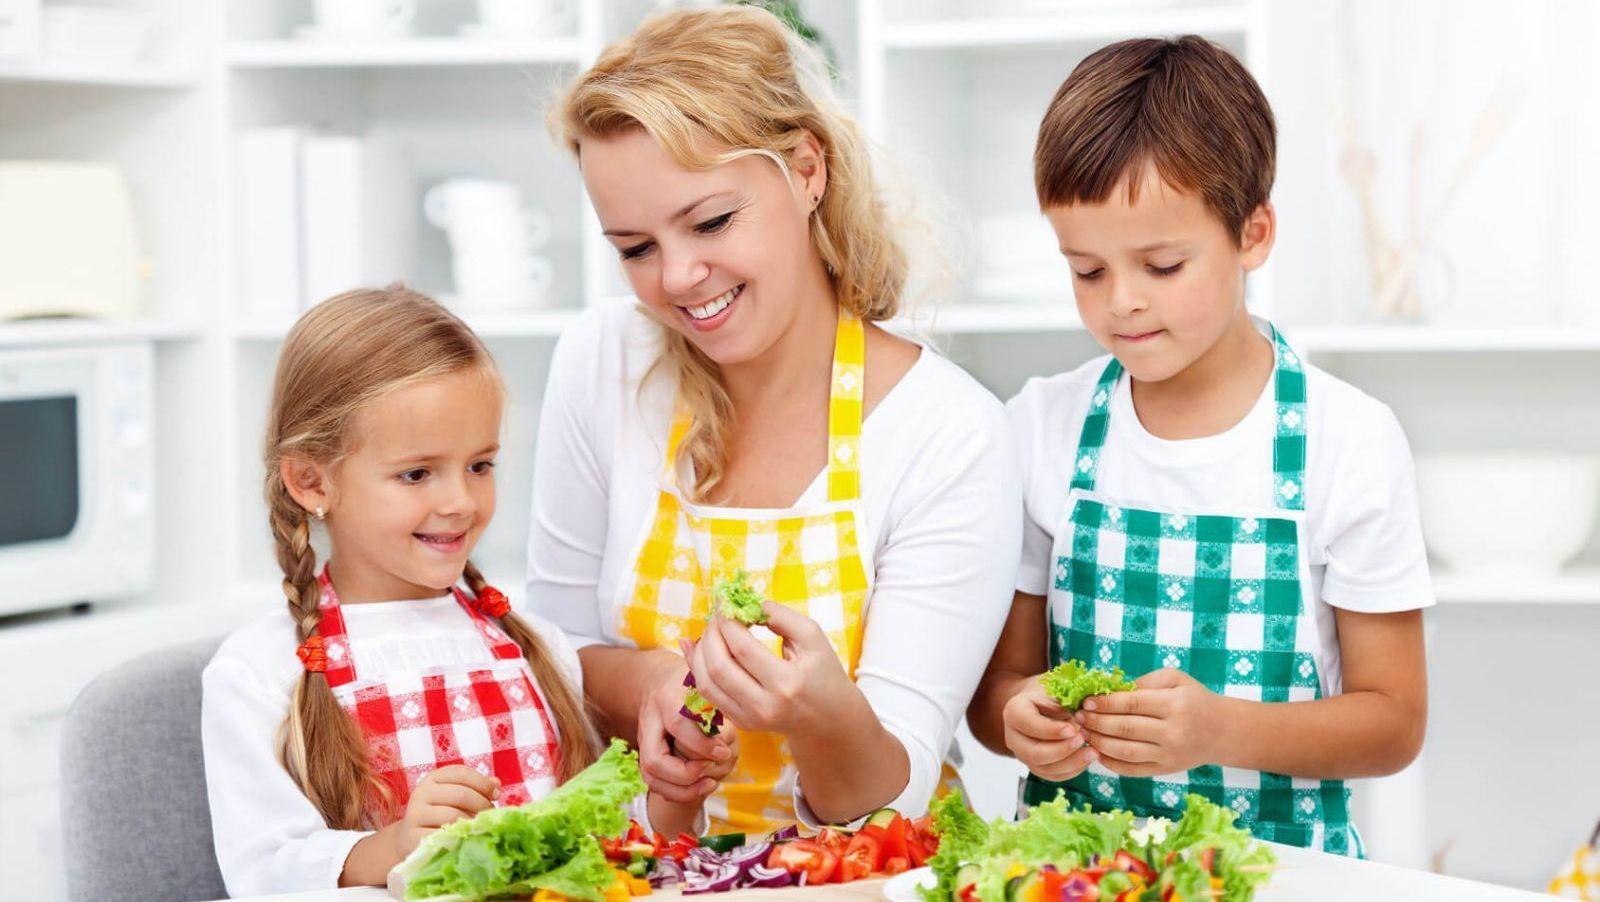 Làm thế nào cung cấp đủ chất dinh dưỡng cho lứa tuổi vị thành niên?